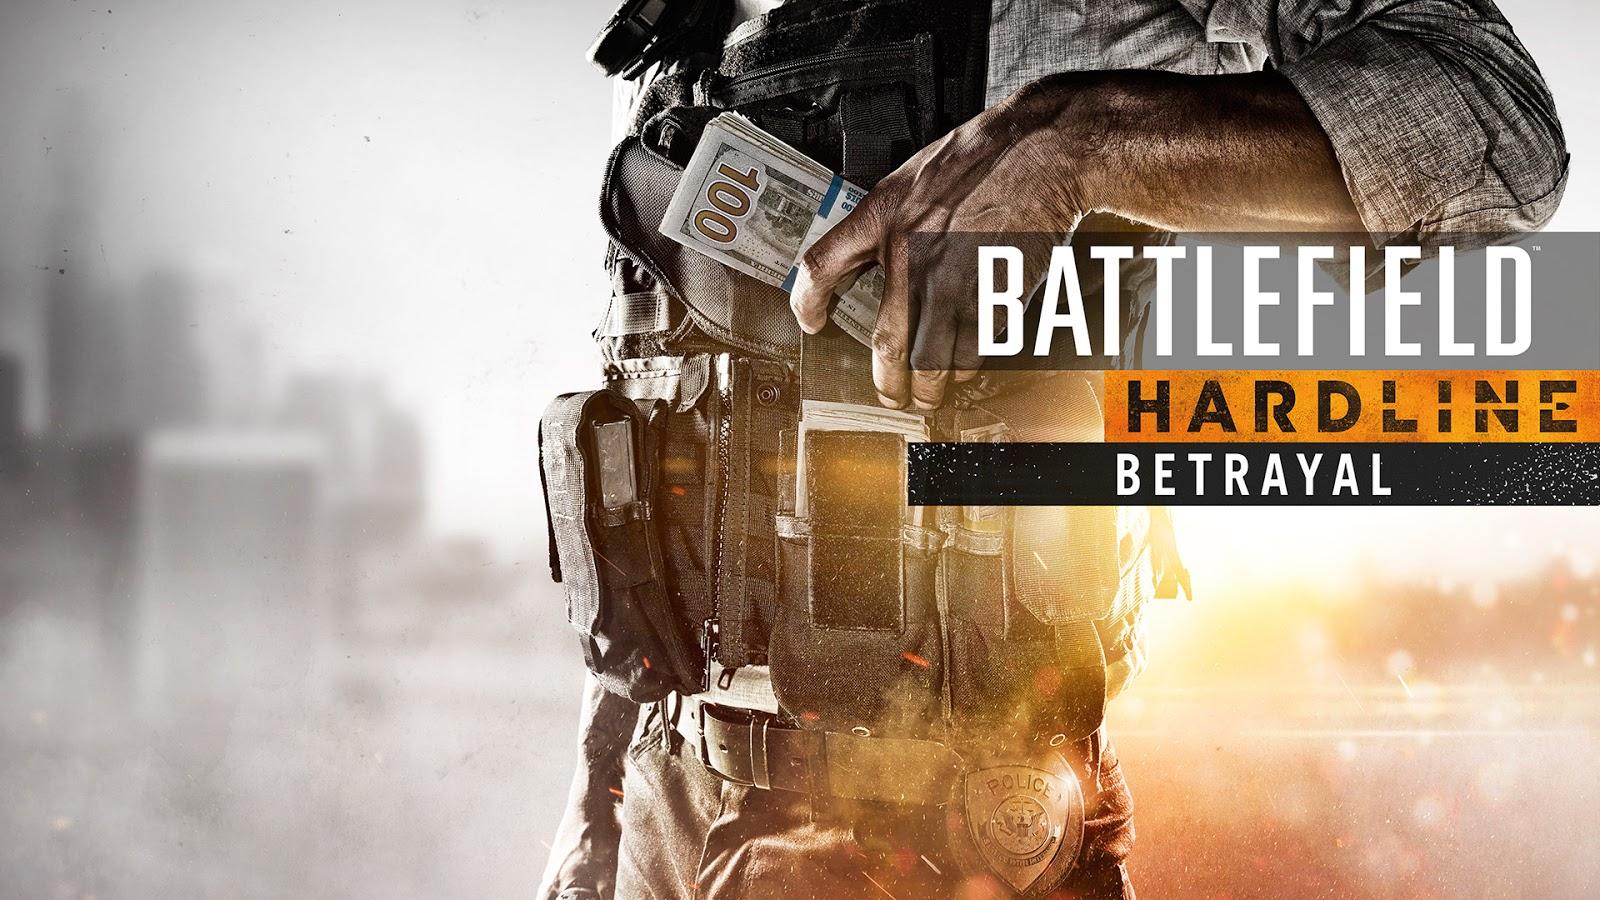 Betrayal é o nome da nova DLC de Battlefield Hardline e traz novos mapas